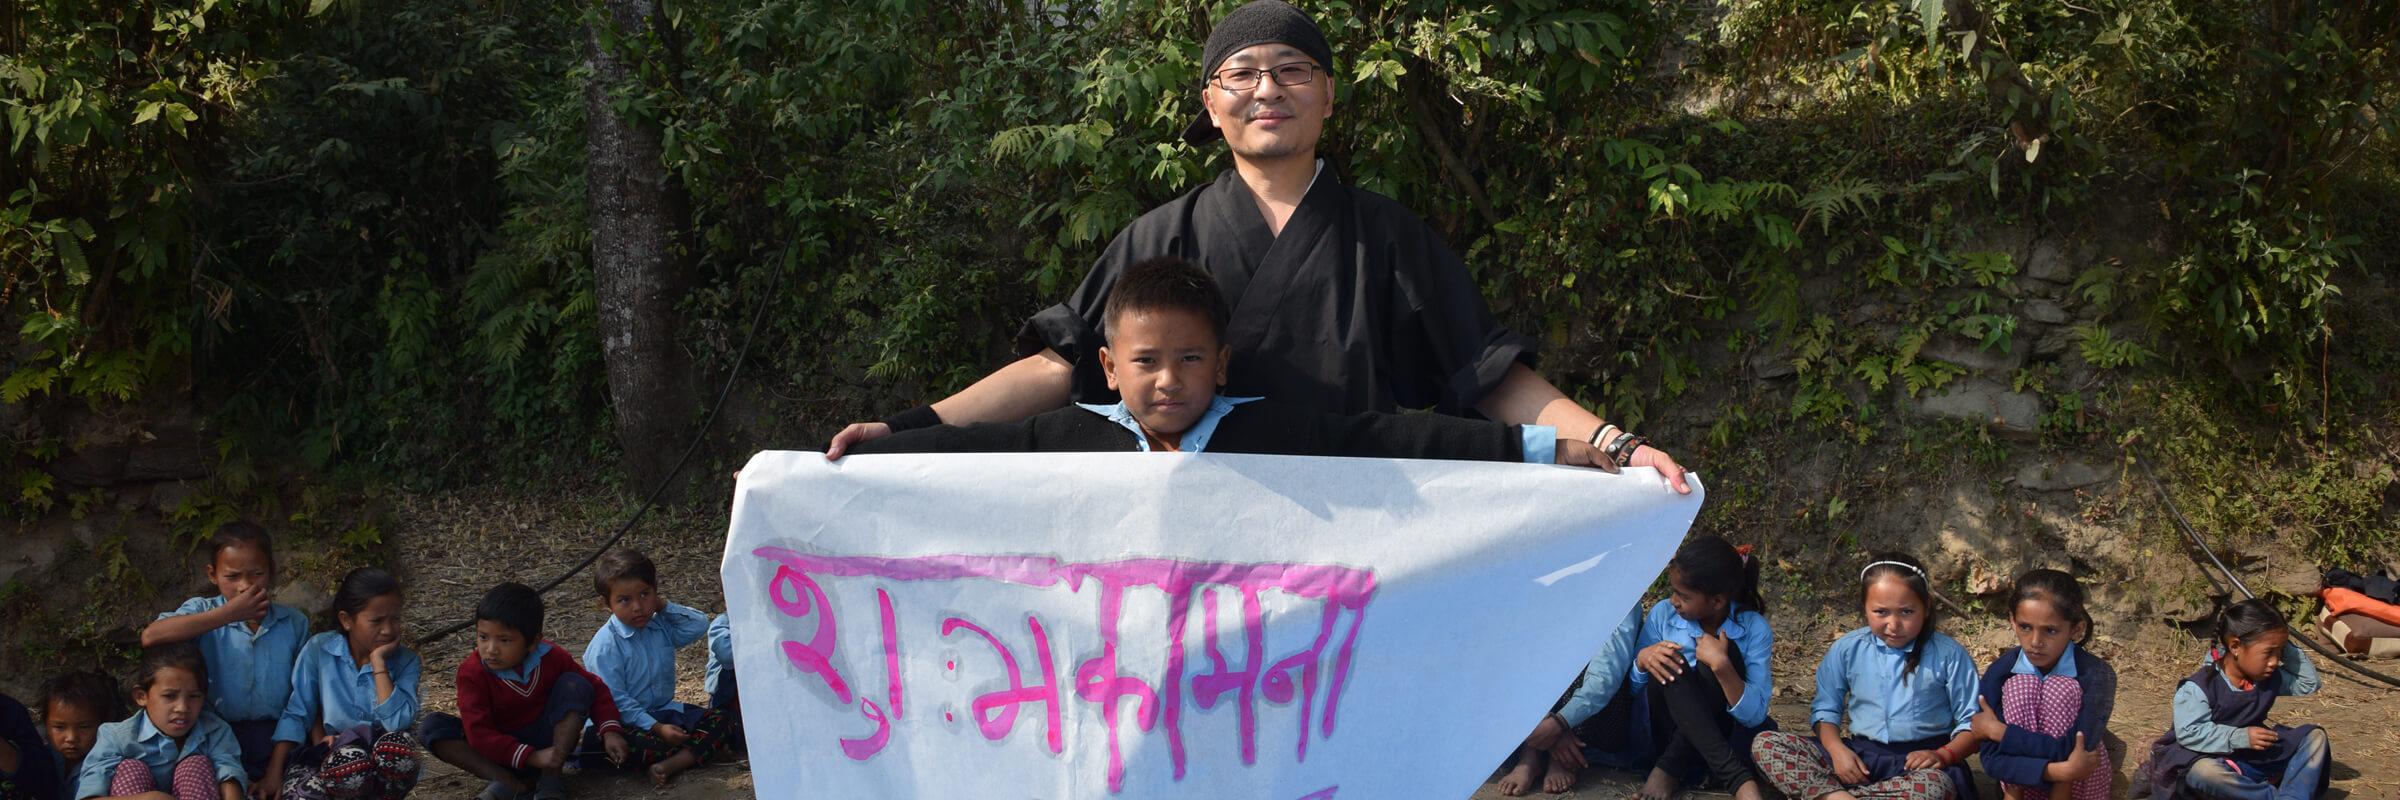 第三回クレヨンプロジェクト 臨書の旅 in NEPAL